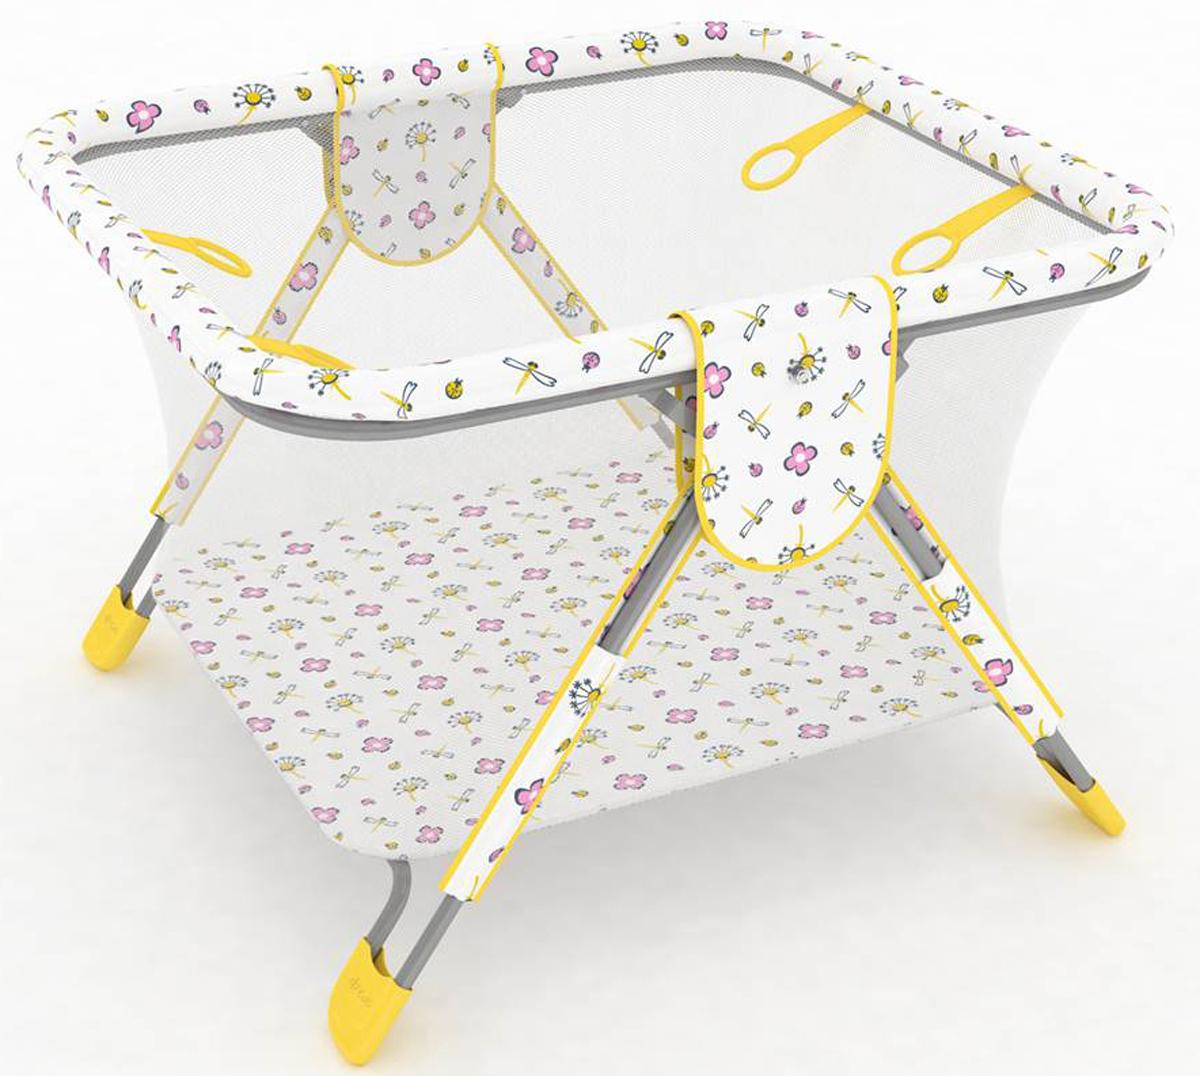 Фея Манеж Книжка Экстра цвет желтый0001026-3Описание:- манеж имеет 4 ручки-кольца для ребенка, - дно и края манежа мягкие, чтобы защитить ребенка от ушибов,- сетка с круговым обзором соответствует всем нормам безопасности,- покрытие легко моется, - рисунки выполнены нетоксичной краской,- легко и компактно складывается,- занимает мало места при хранении.